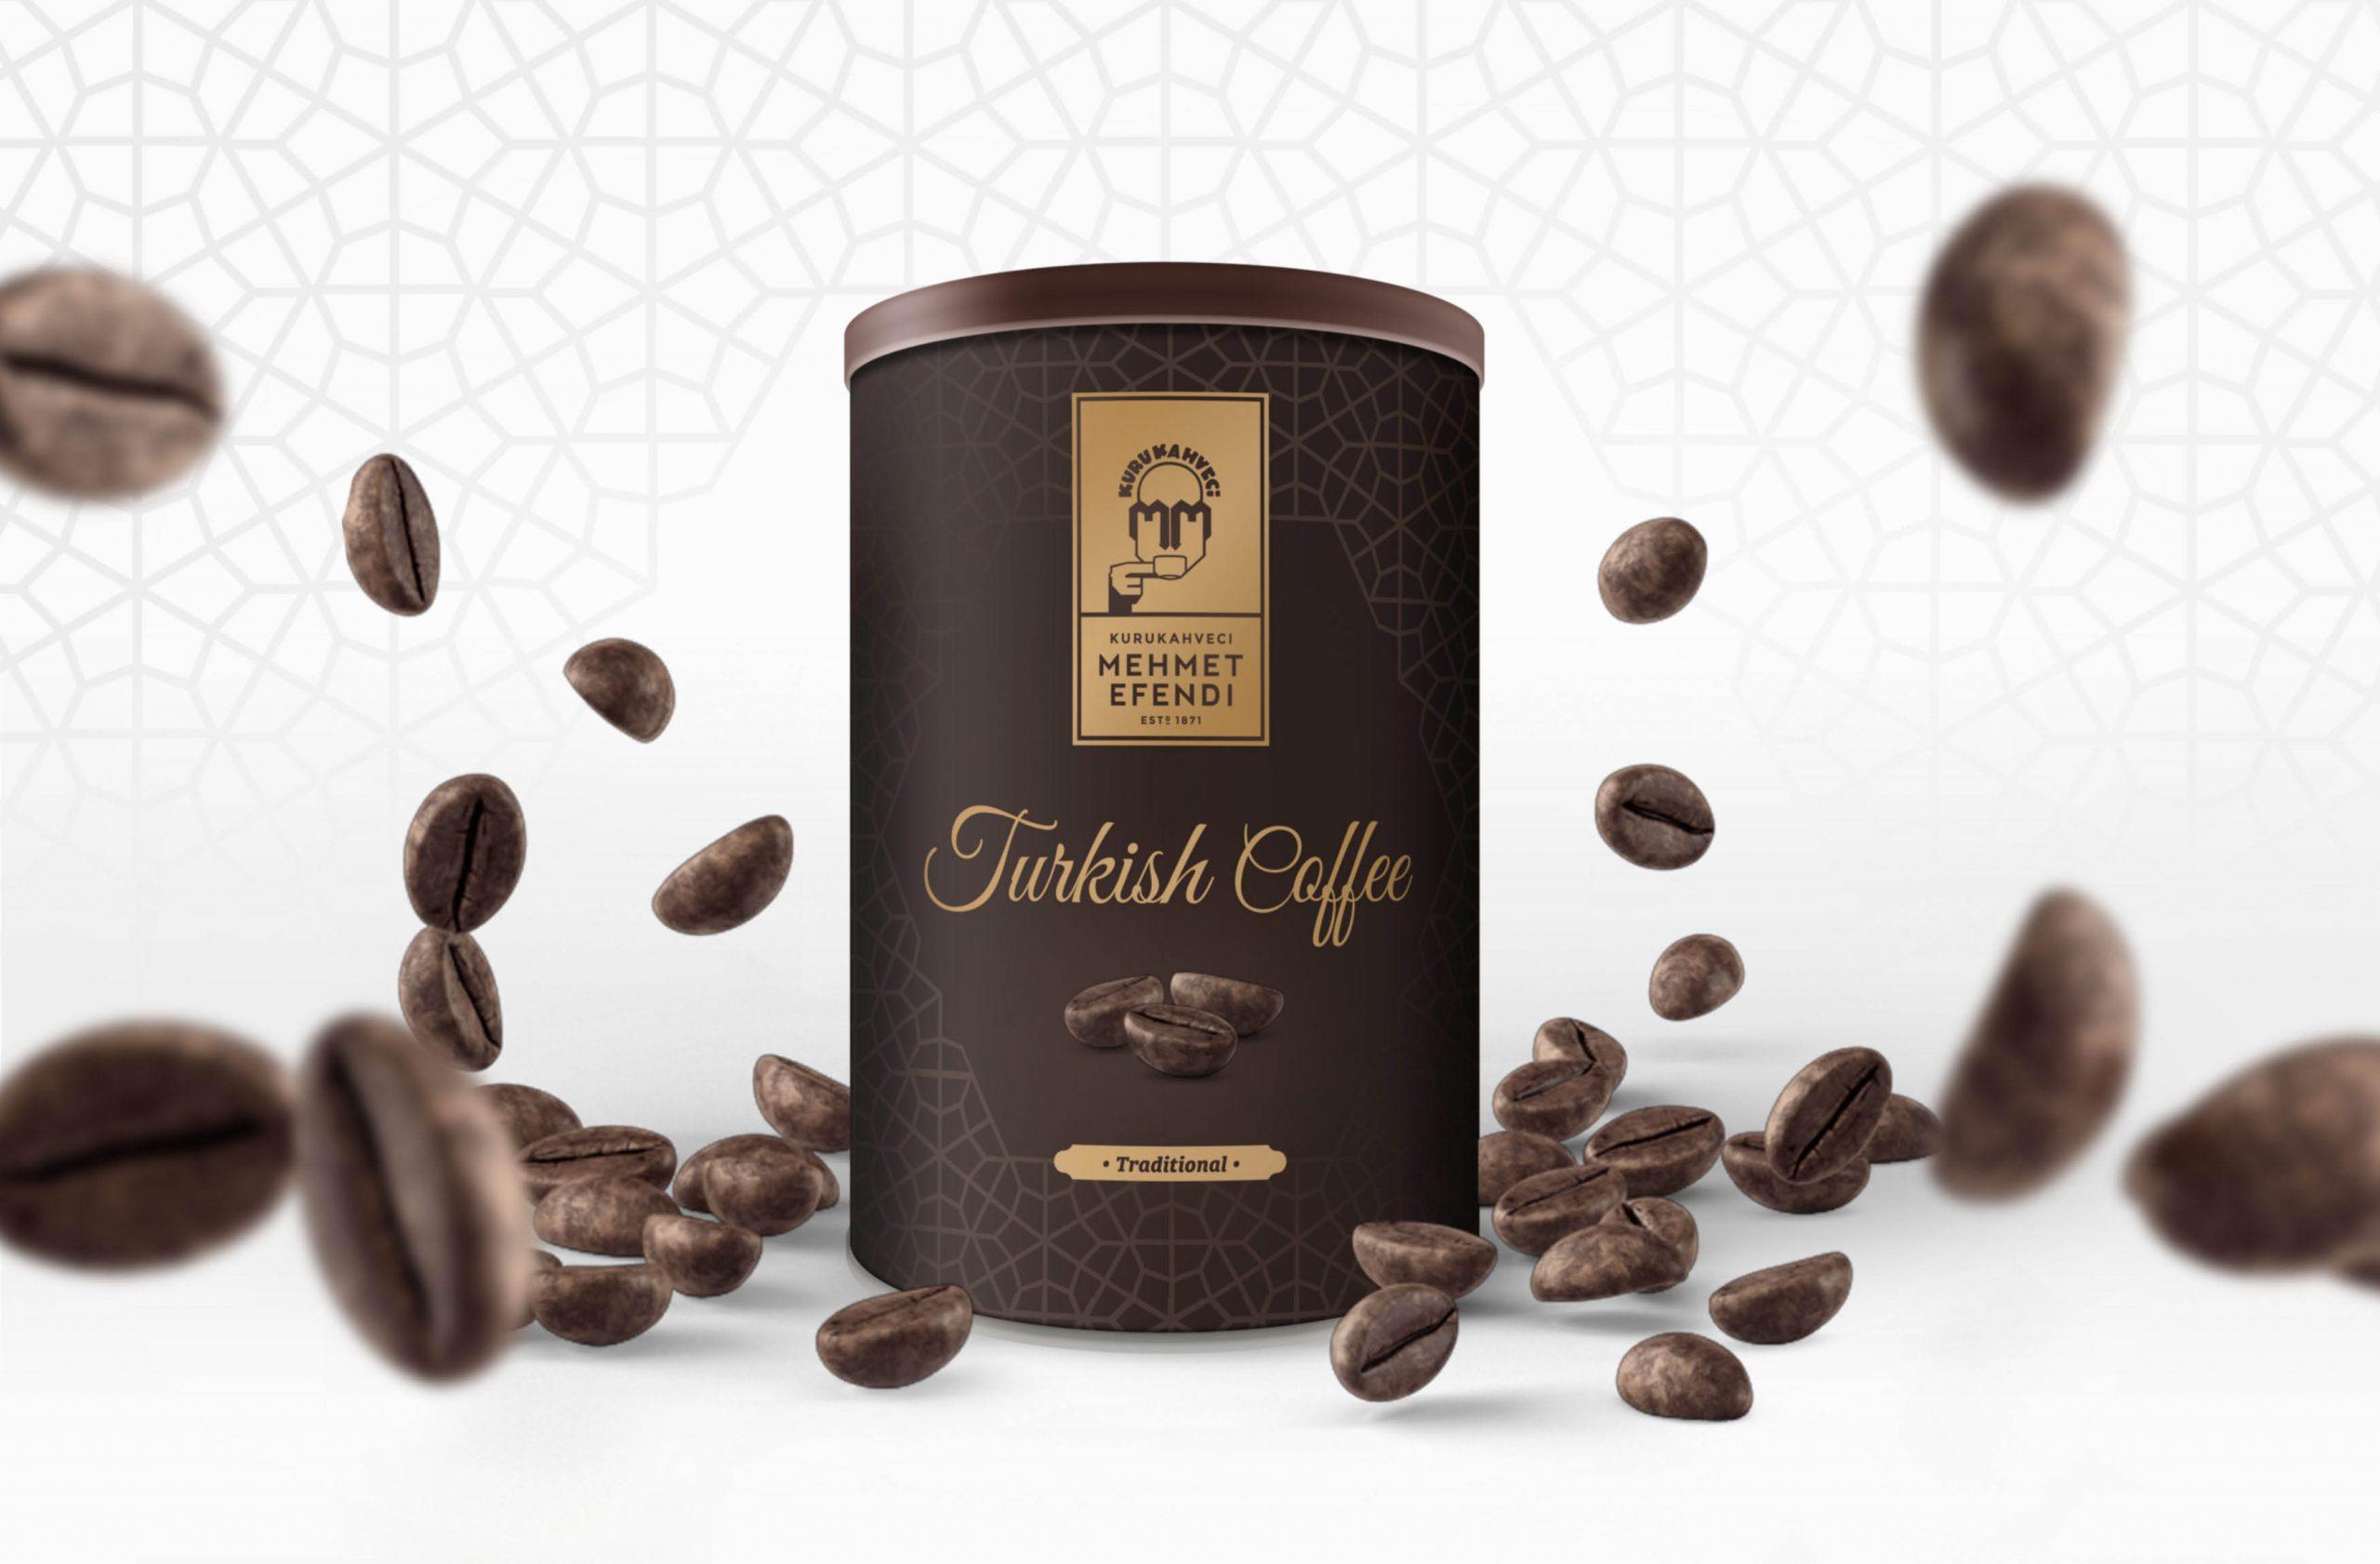 خرید قهوه ممد افندی از فروشگاه اینترنتی ایرانیان دیجیتال